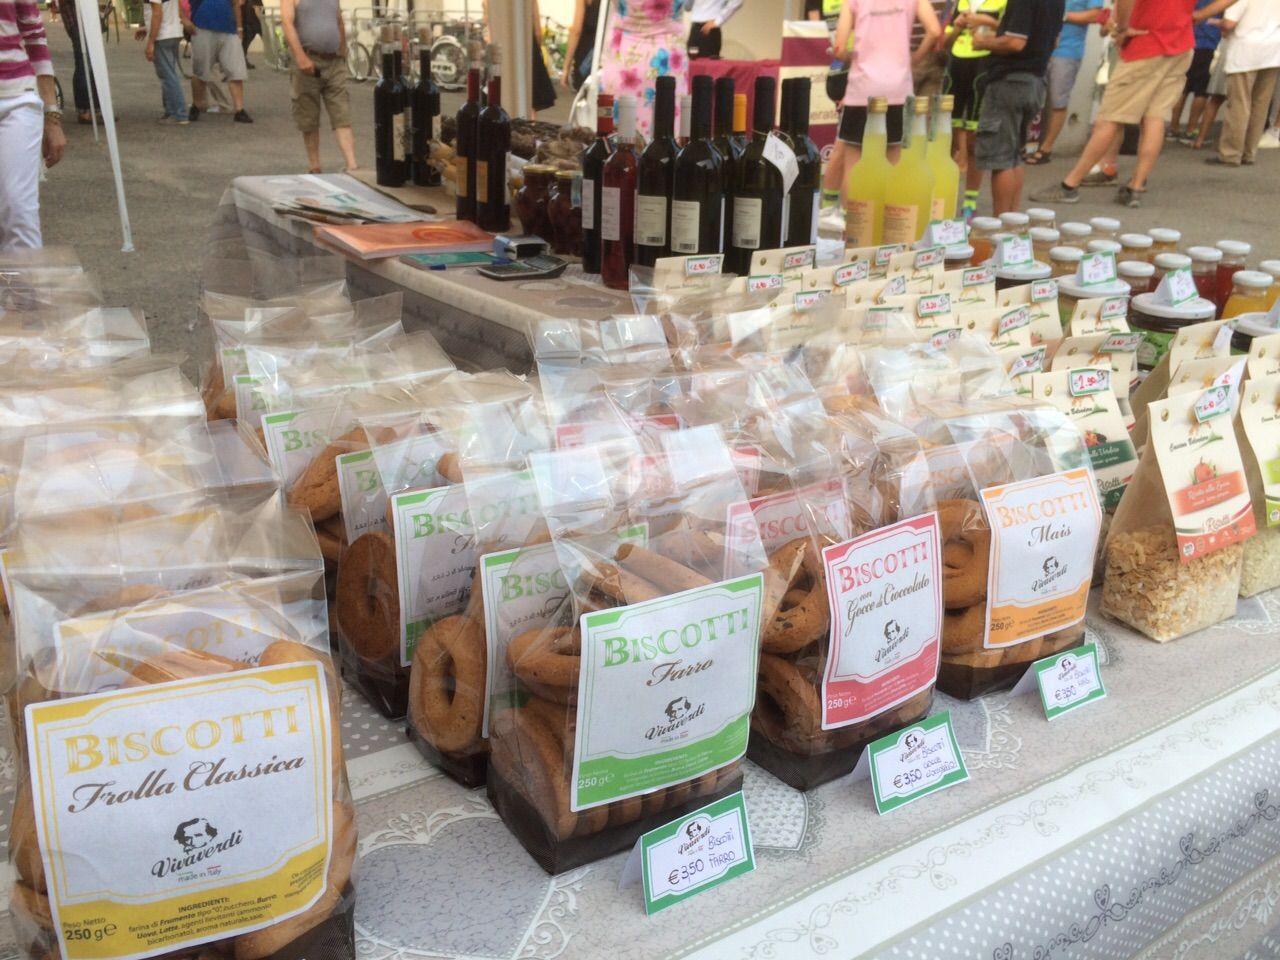 Prova le delizie #Vivaverdi! #coppa #salame #limoncino #biscotti #madeinitaly Info: http://www.vivaverdi.it